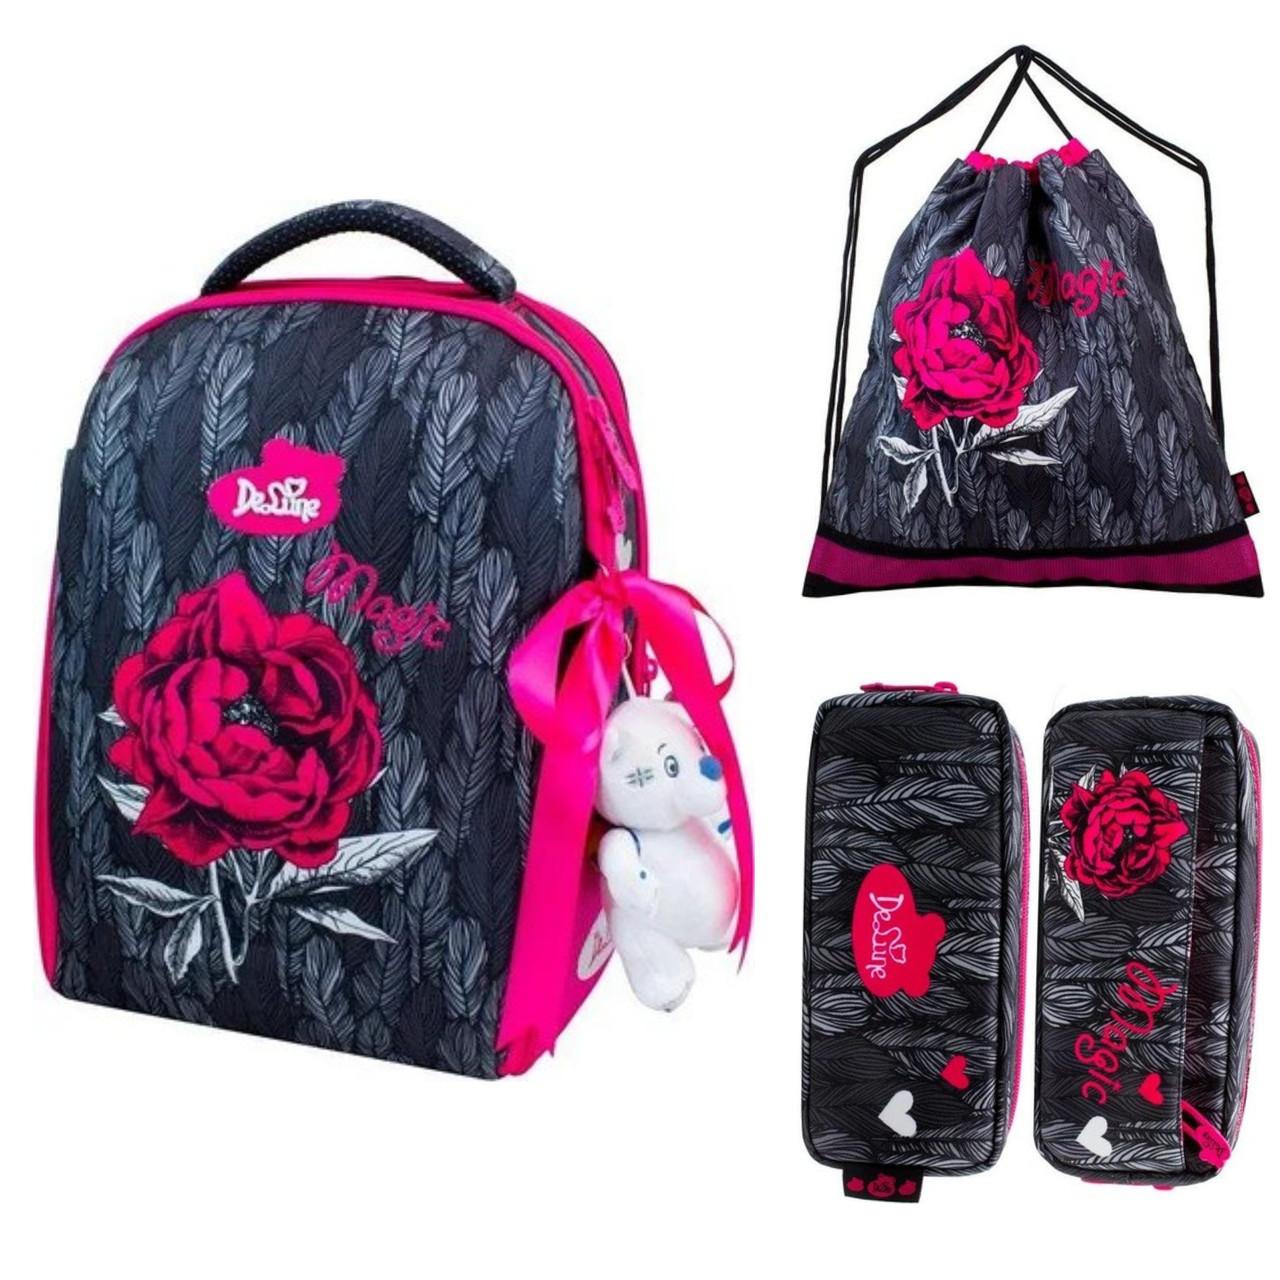 Рюкзак школьный DeLune набор (пенал, сумка, брелок) Цветок 7-149